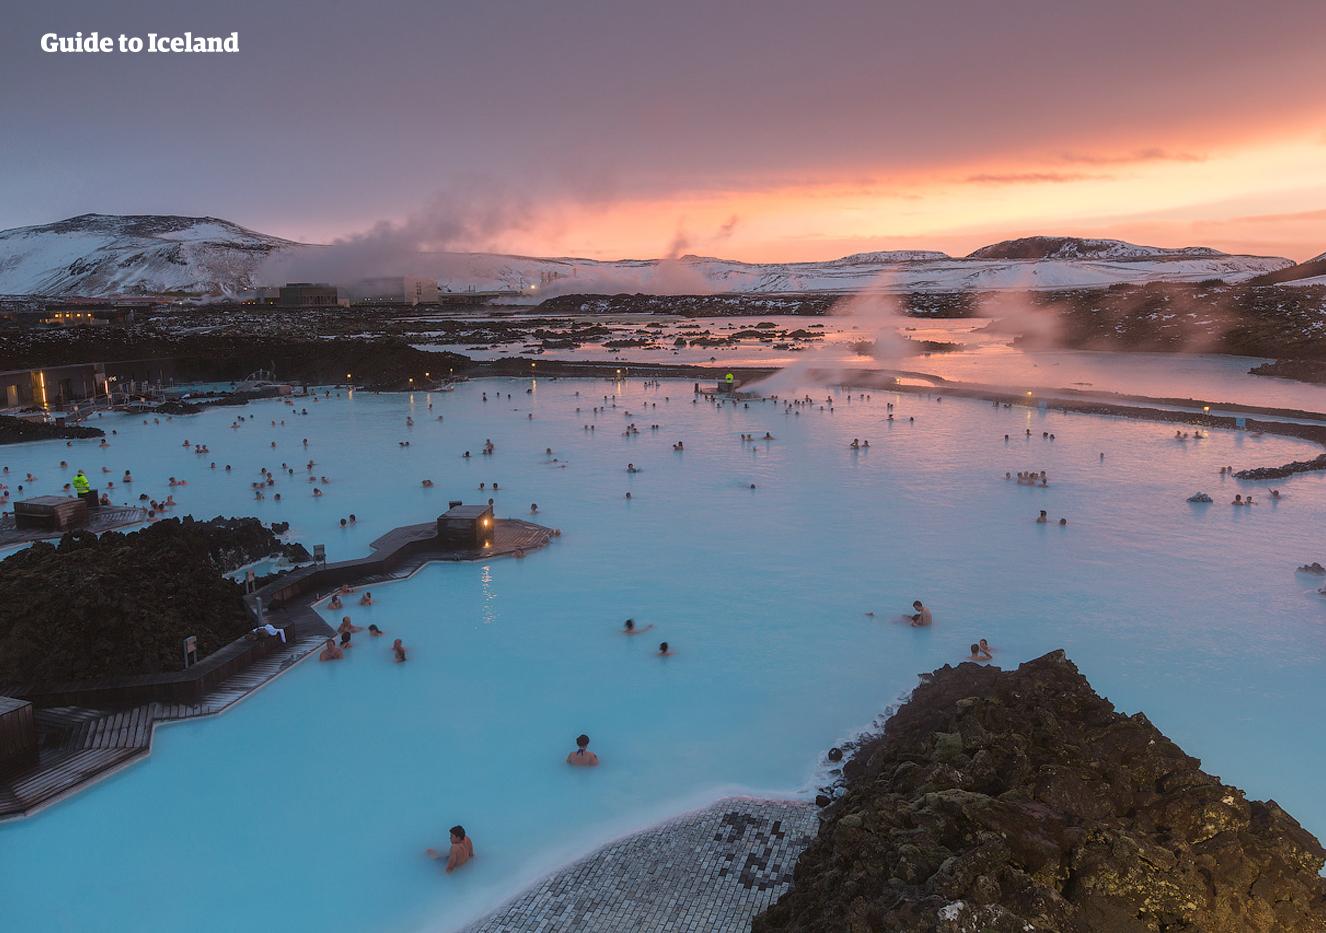 Før en lang flytur og etter en lang ferie er Den blå lagune det perfekte stedet å stresse ned.